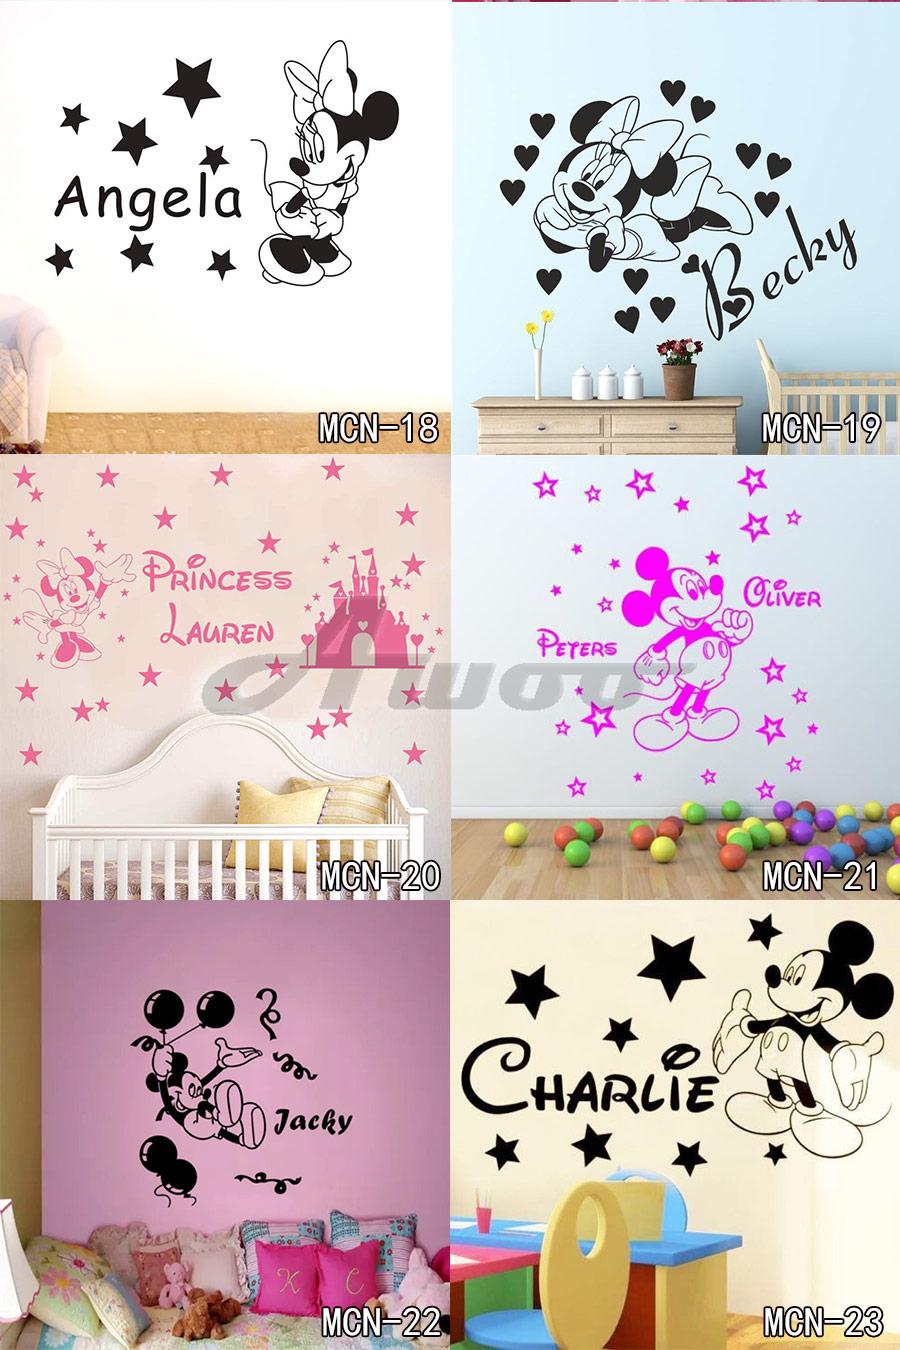 HTB1Yel RpXXXXbWXXXXq6xXFXXXy - Baby Mickey Mouse Warm Custom Name Wall Sticker For Kids Room